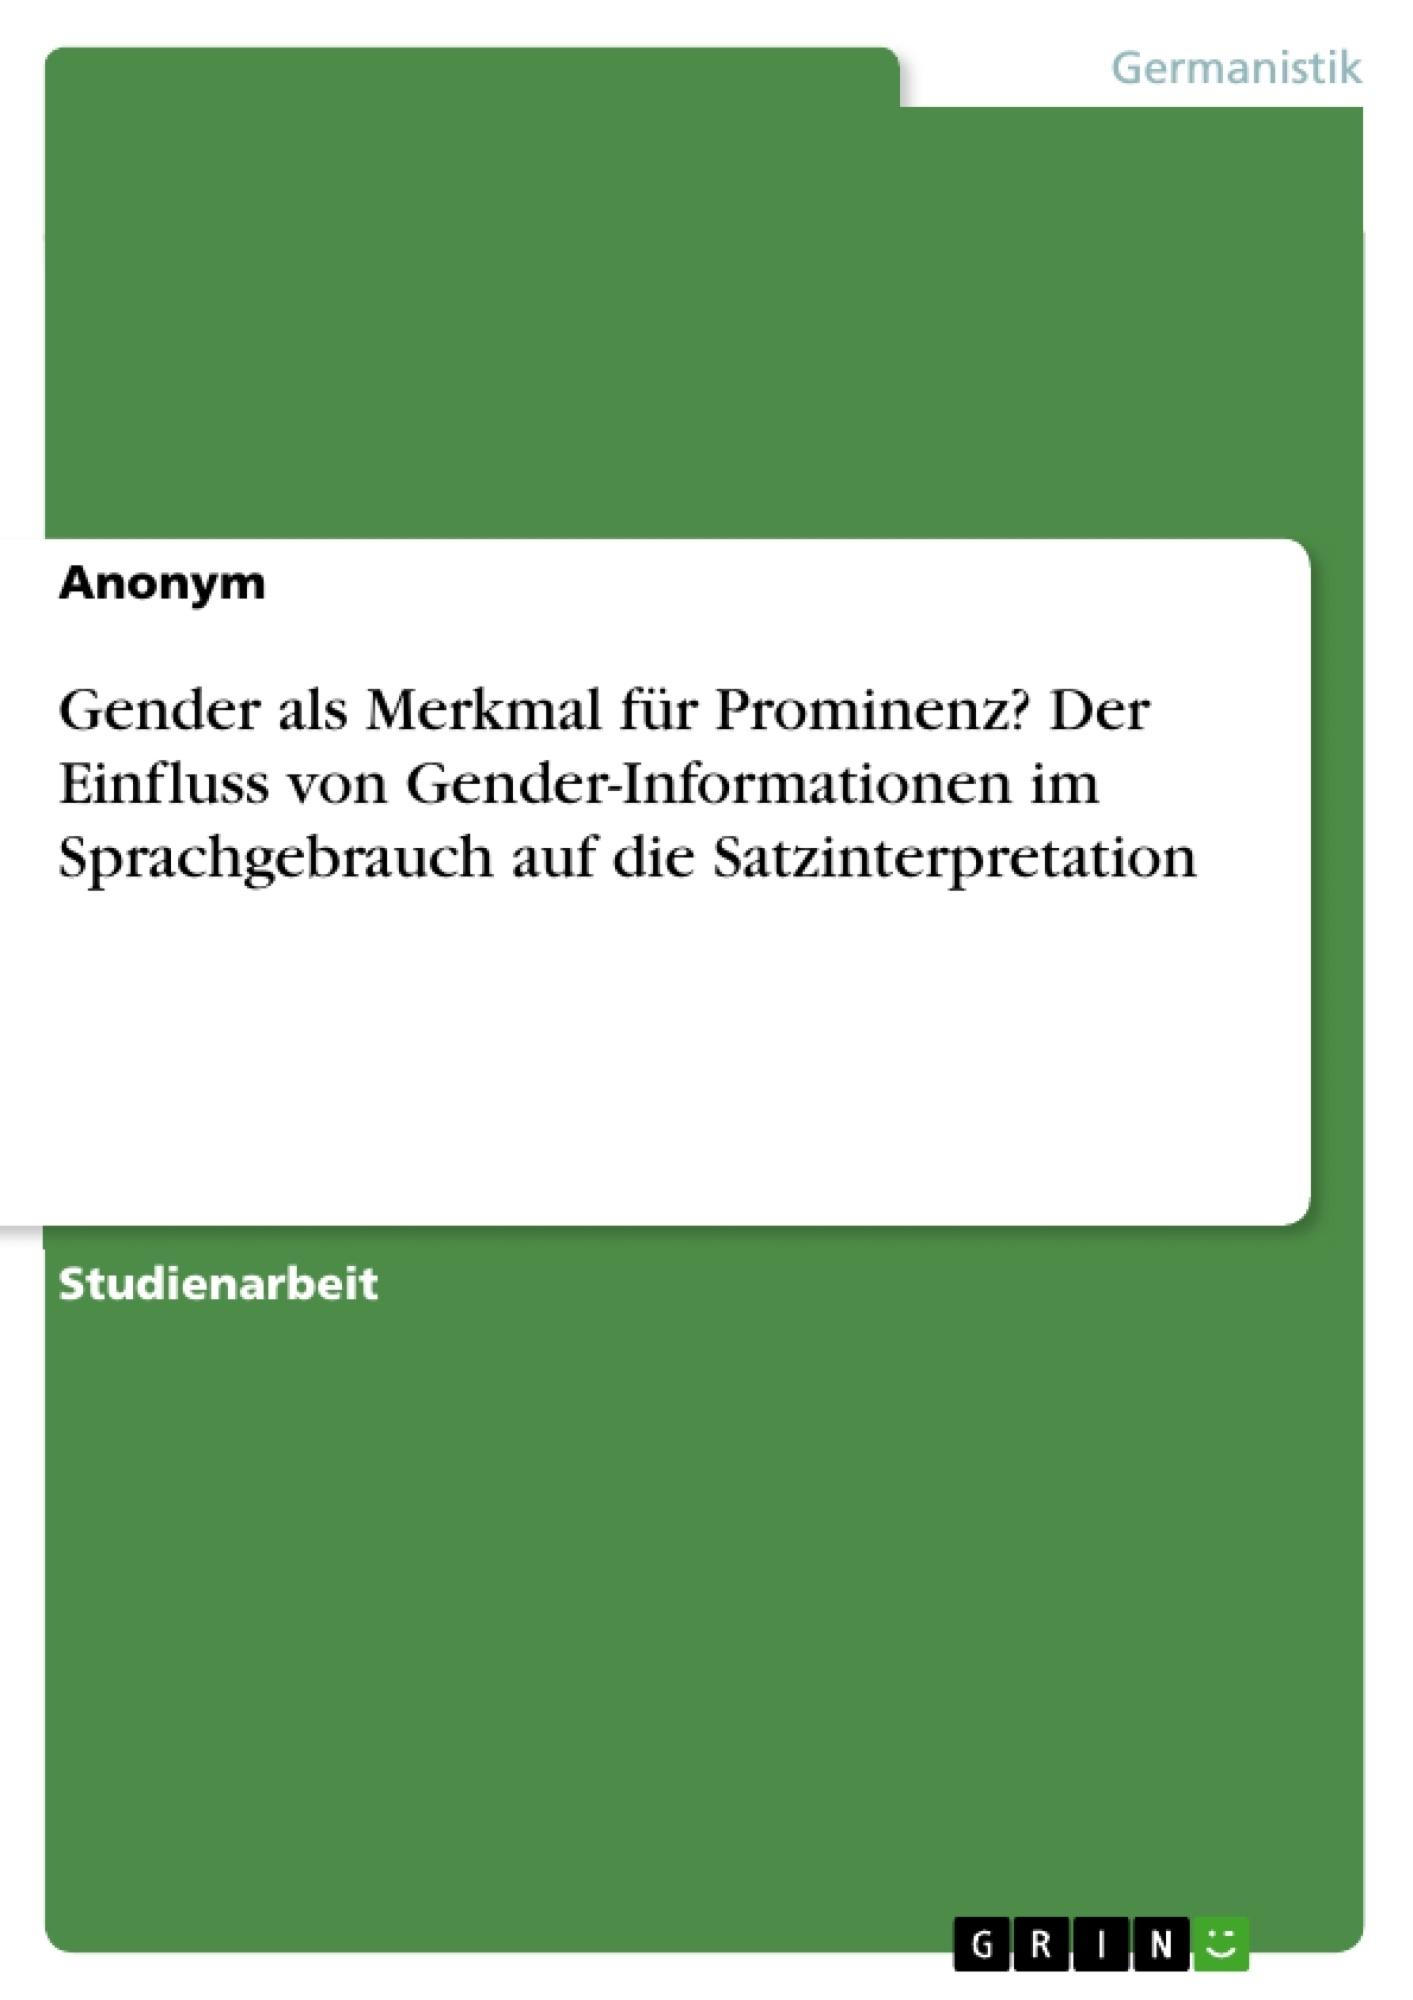 Titel: Gender als Merkmal für Prominenz? Der Einfluss von Gender-Informationen im Sprachgebrauch auf die Satzinterpretation